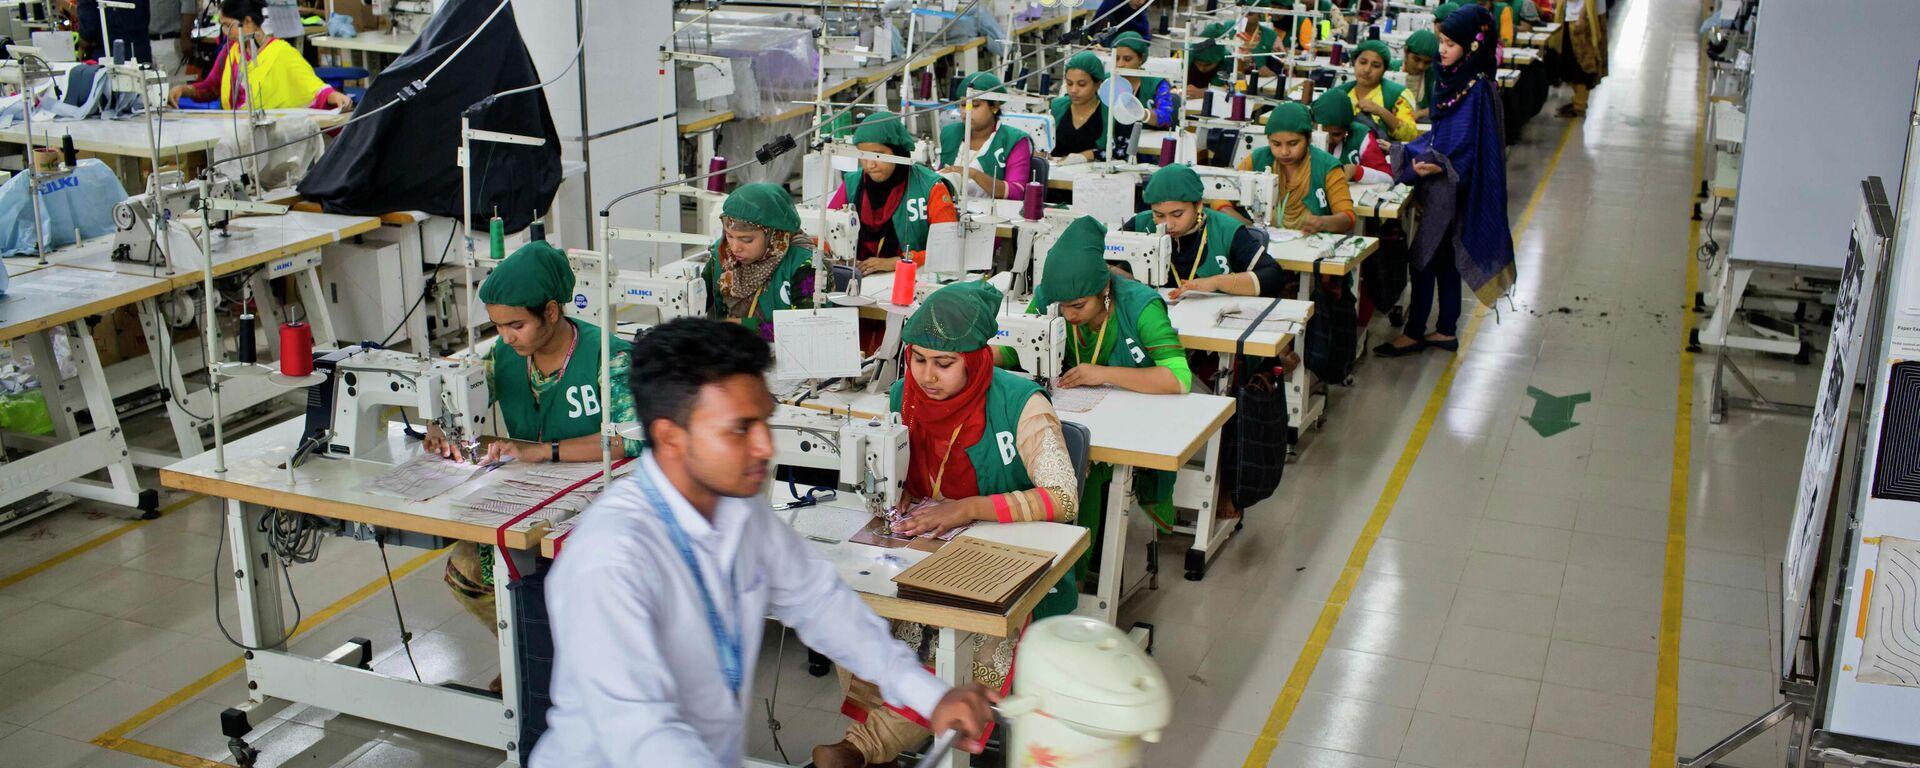 Textilfabrik von Snowtex in Bangladesh (Archivbild) - SNA, 1920, 24.04.2021